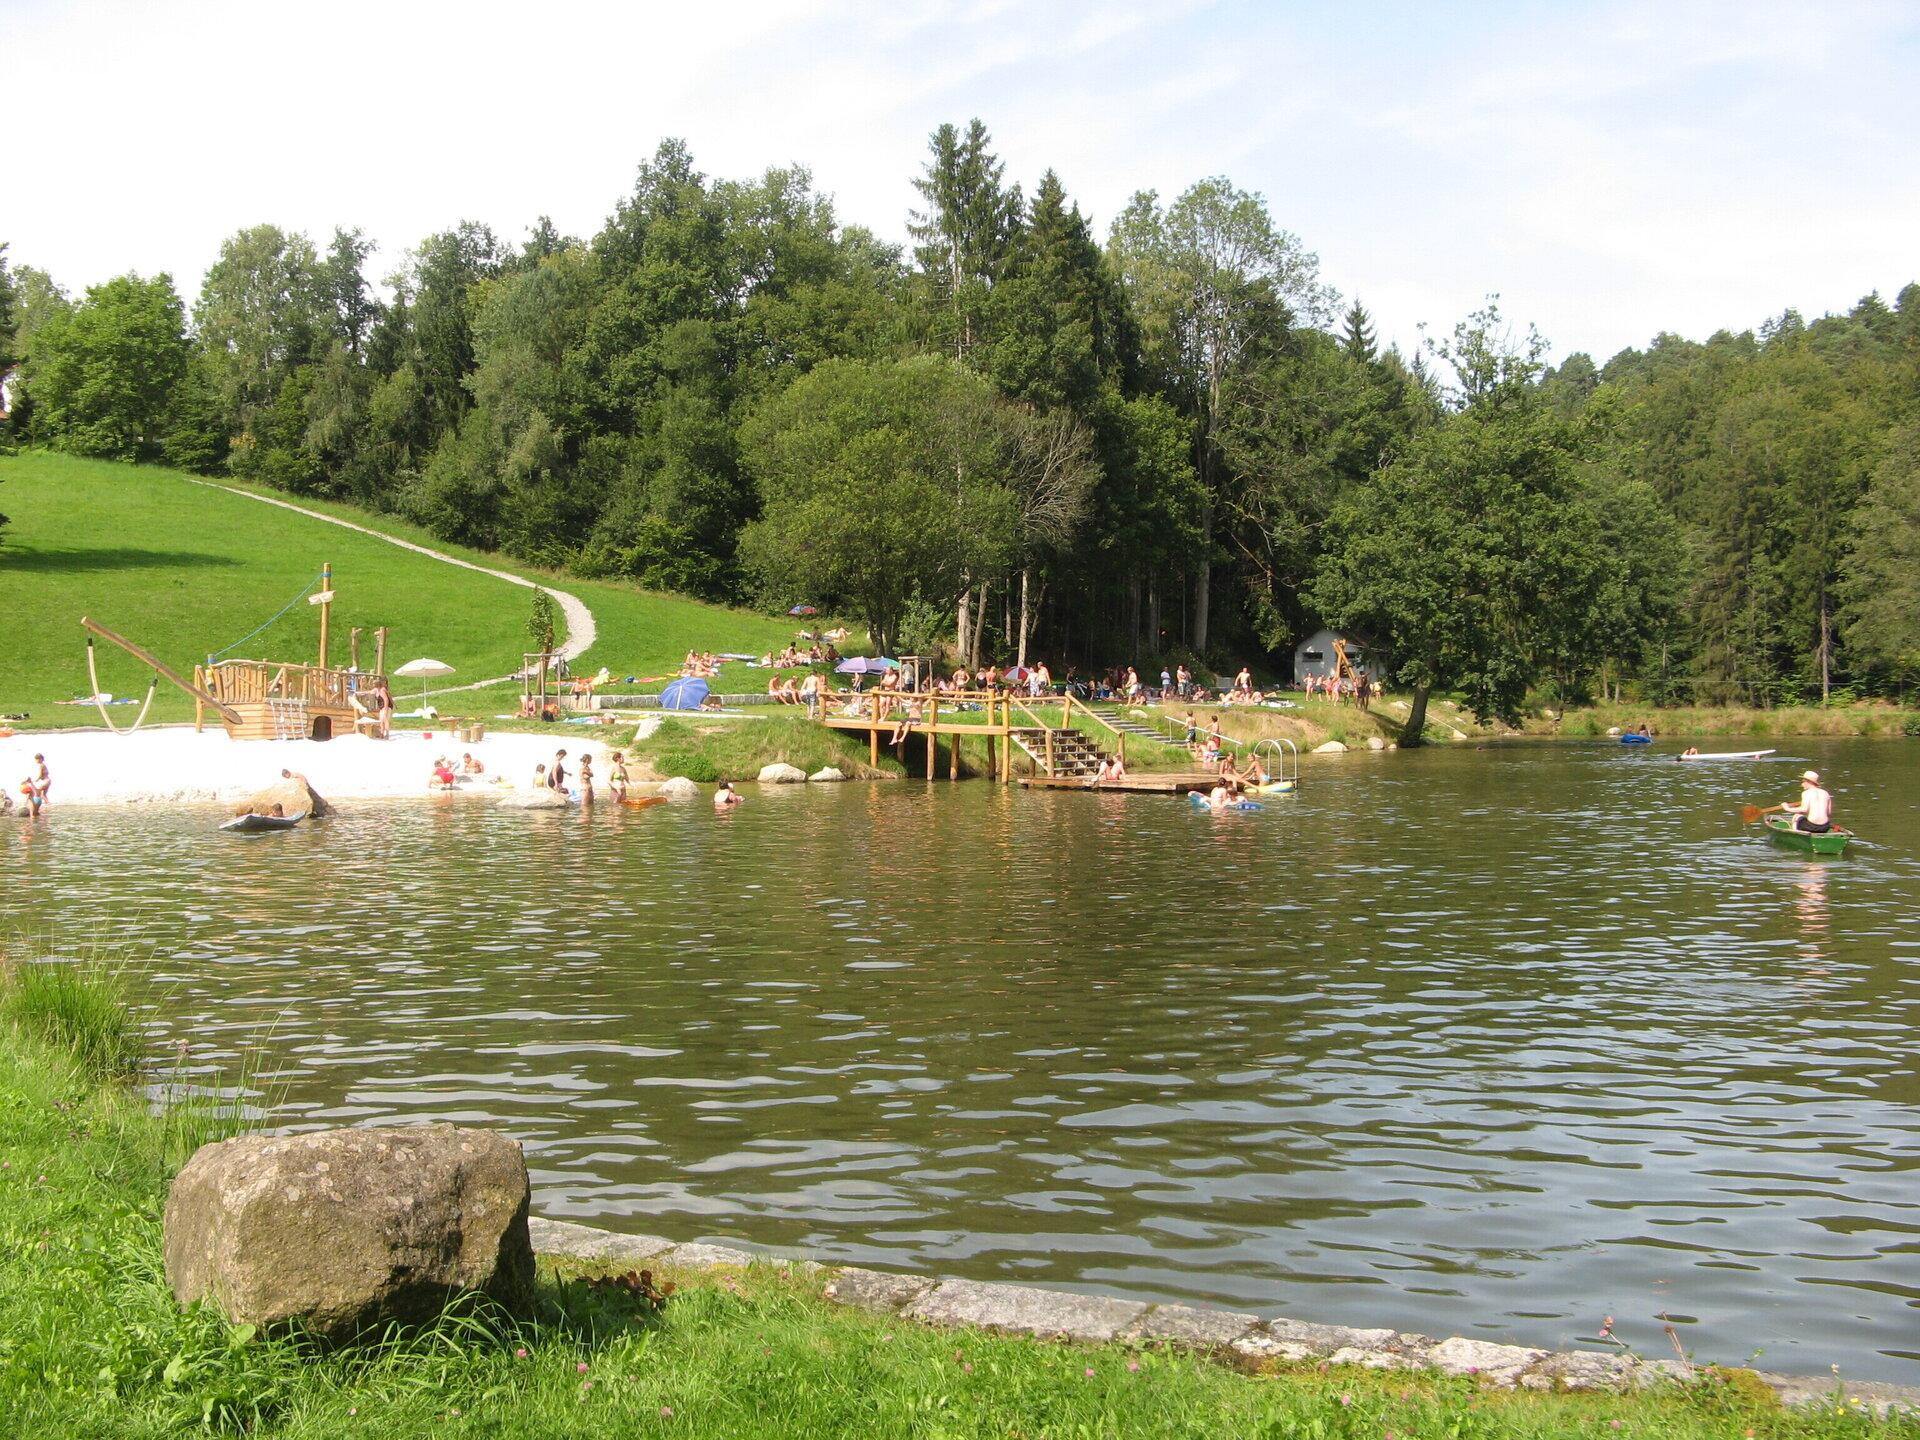 Schwimmen und Rudern am Badesee